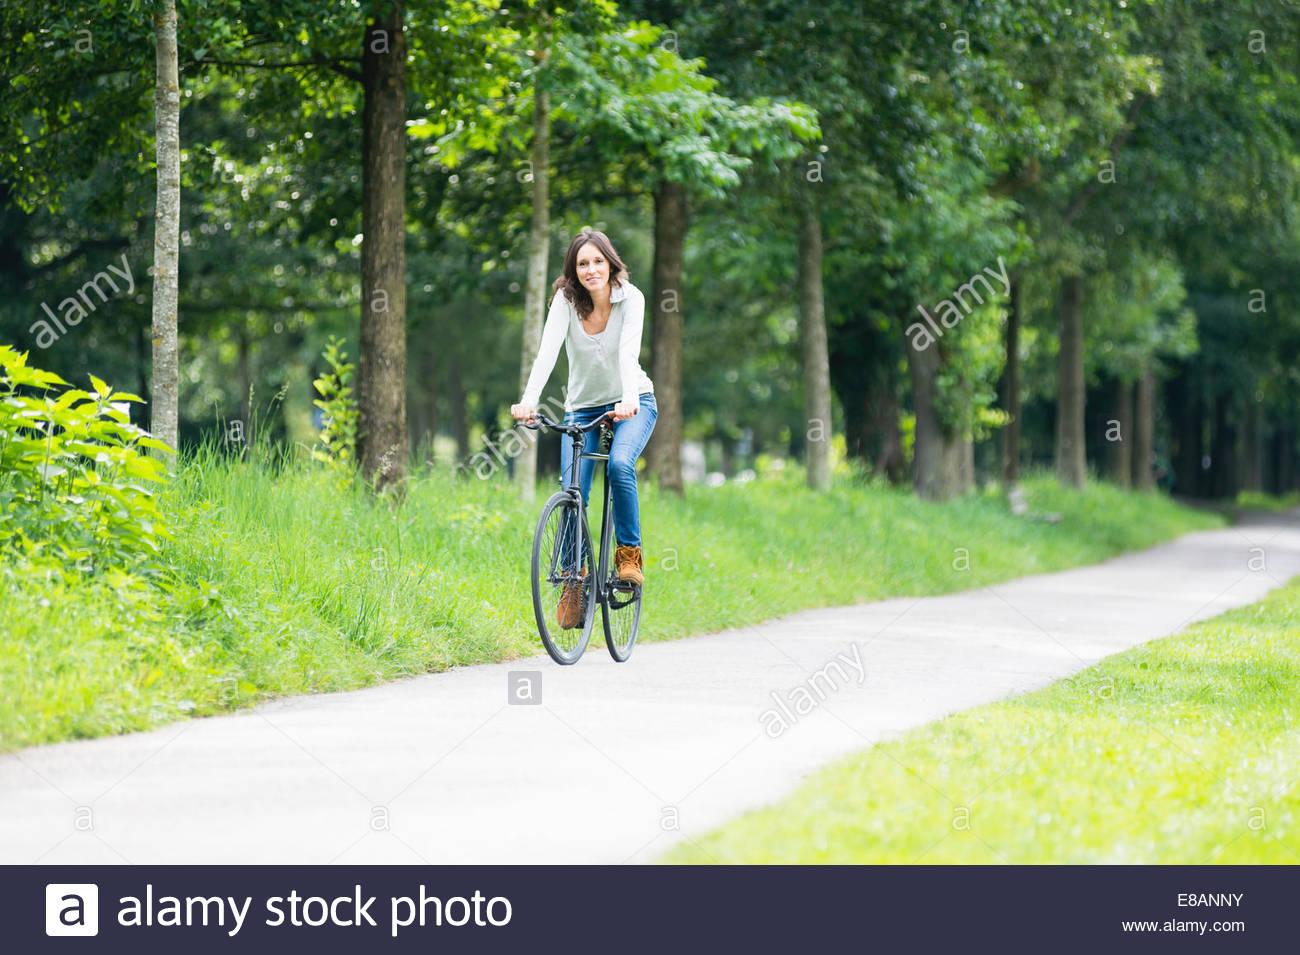 Metà donna adulta escursioni in bicicletta sul percorso del parco Immagini Stock